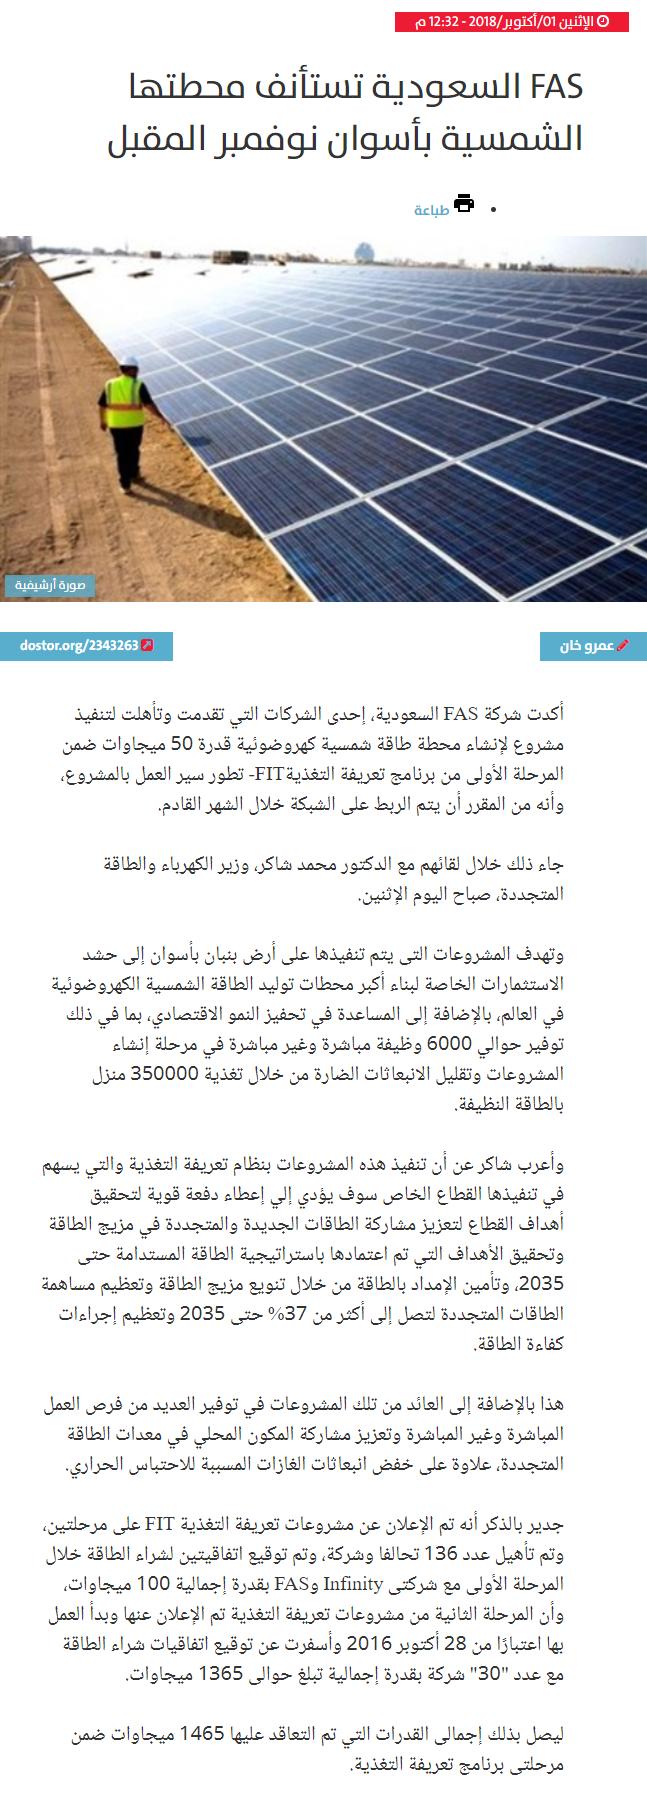 FireShot Capture 1075 - FAS السعودية تستأنف محطتها الشمسية بأسوان _ - https___www.dostor.org_2343263.png